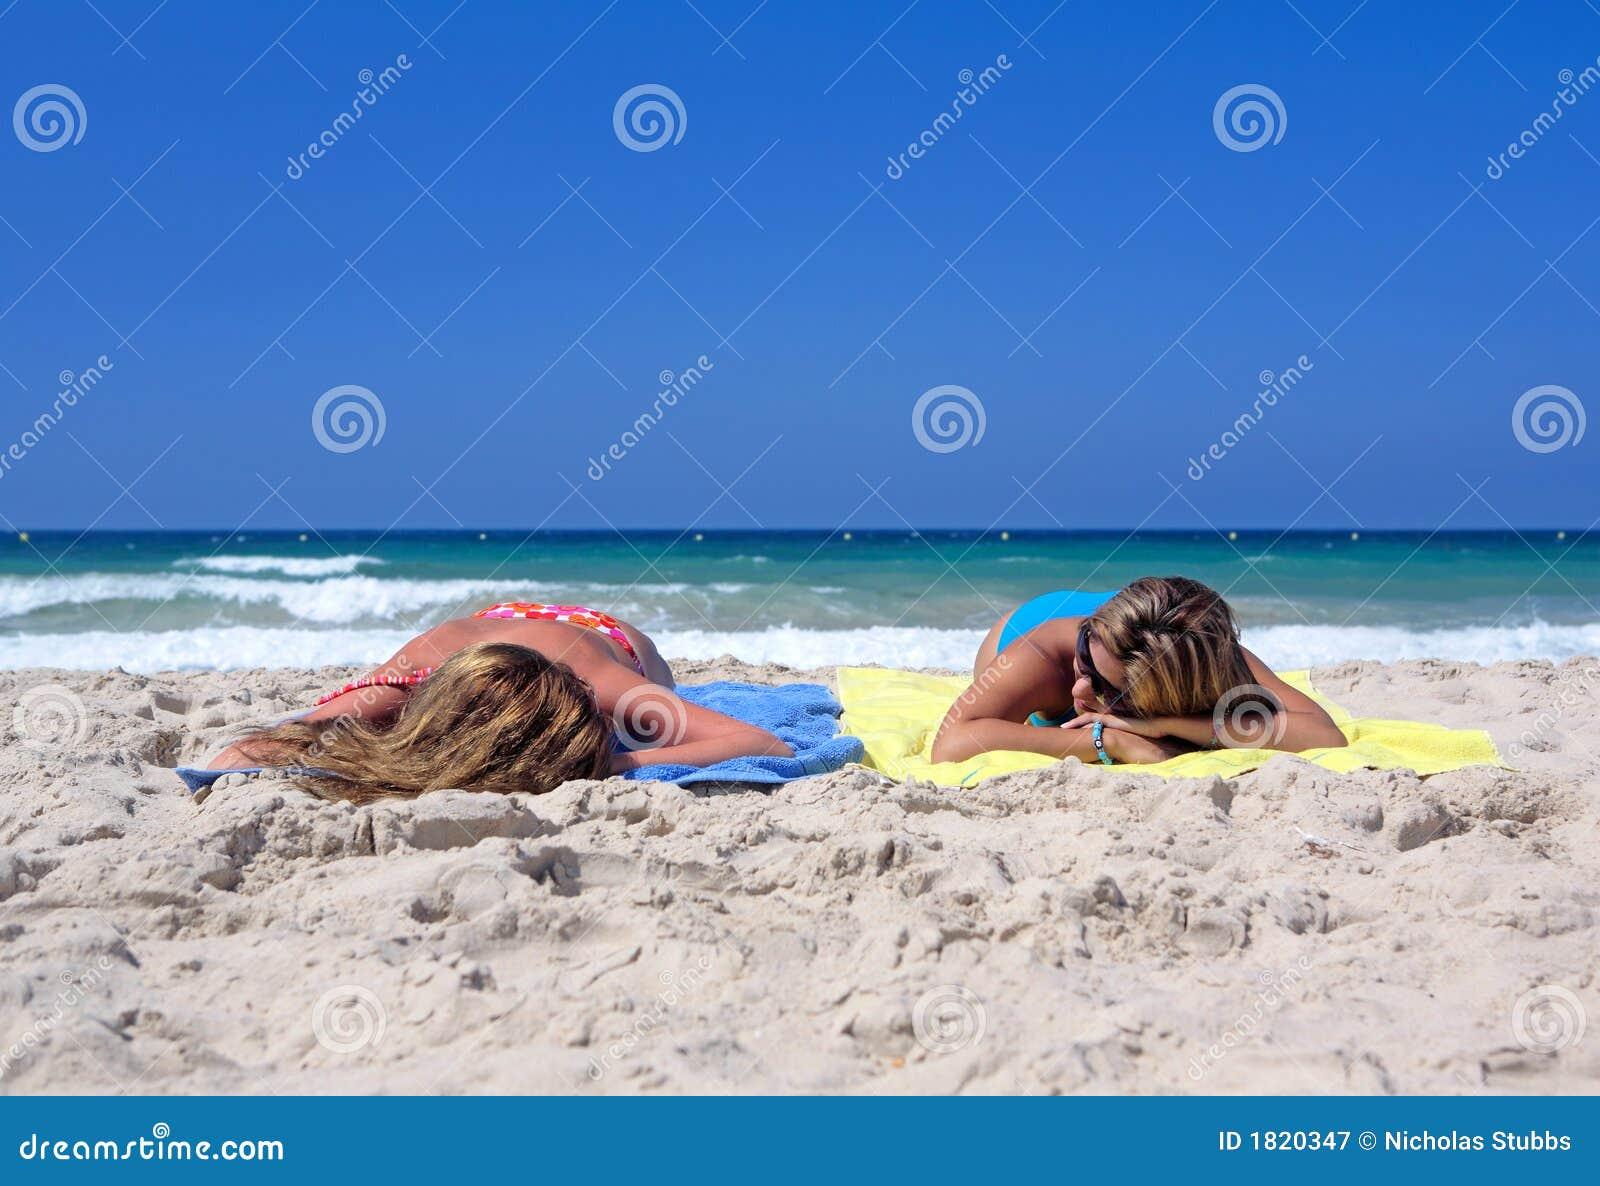 Sexy video beach-5152